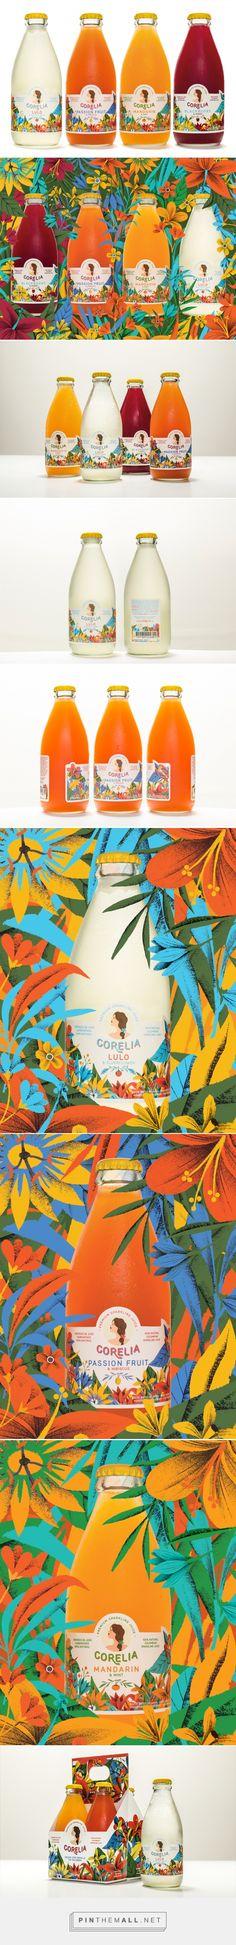 Corelia. Premium Sparkling Juice by Siegenthaler &Co